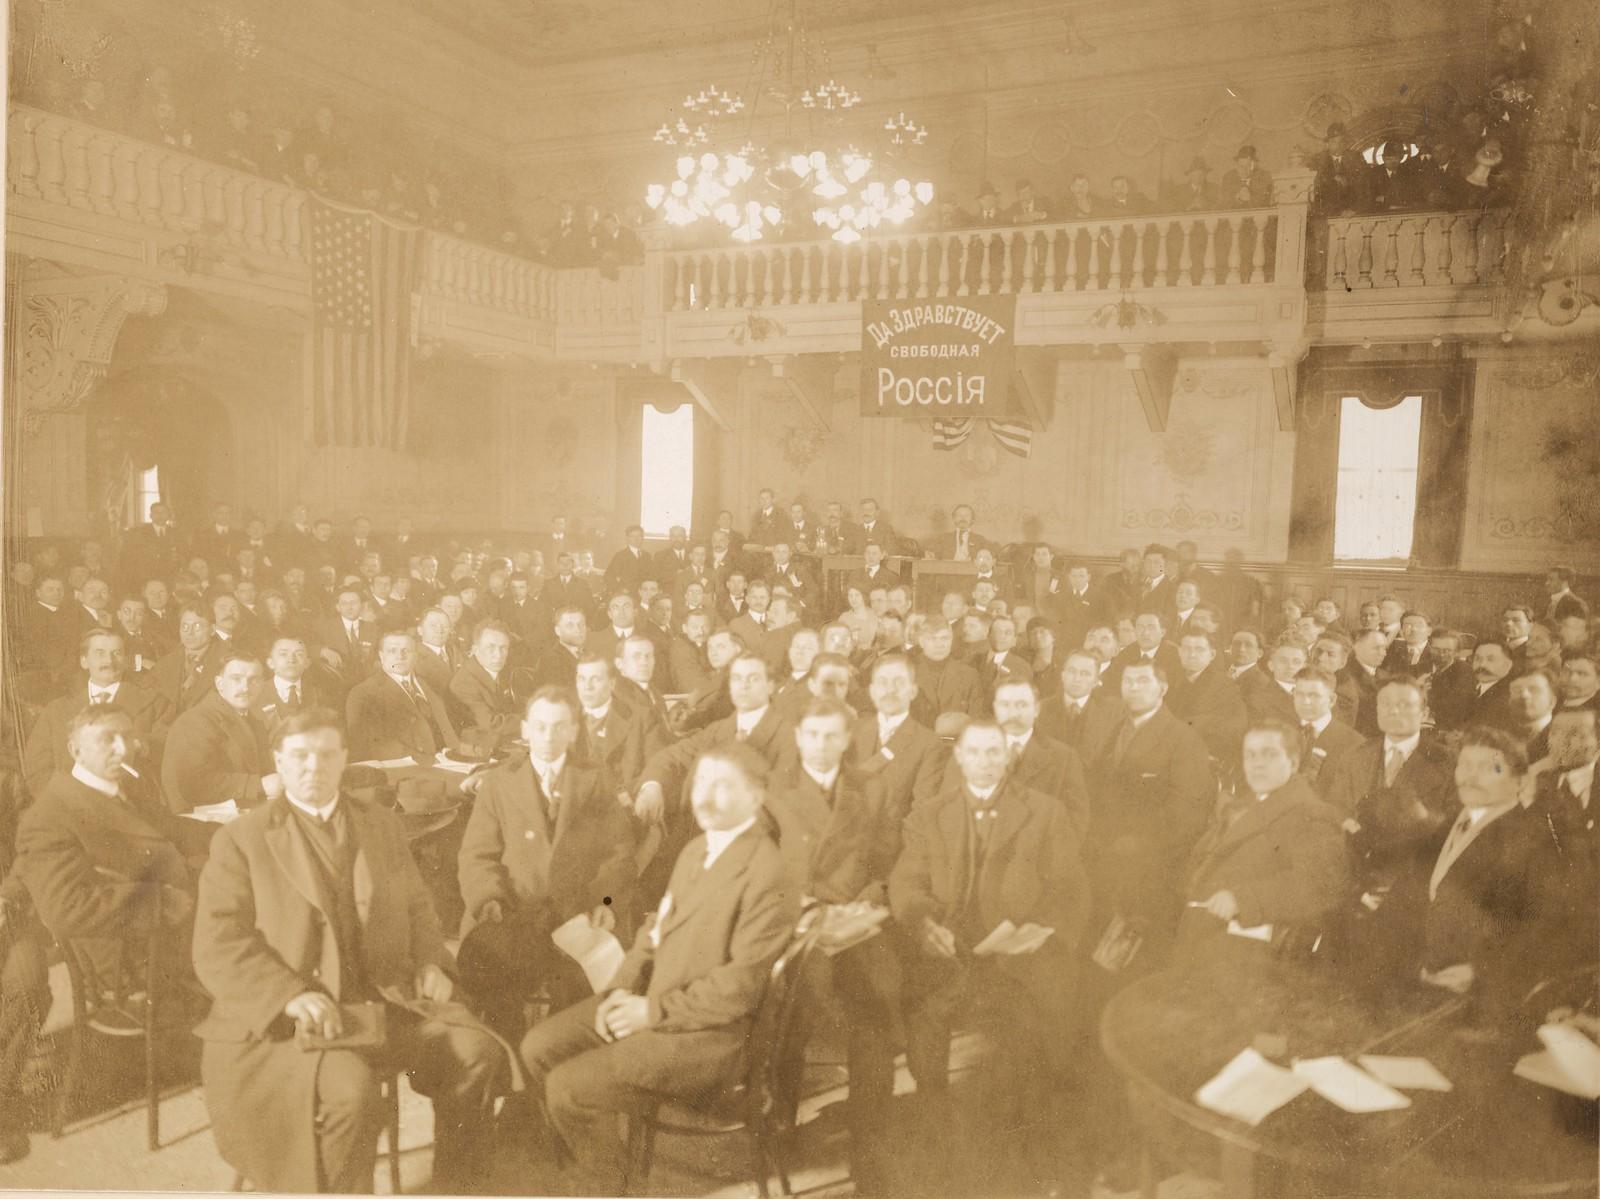 1917. Фракция большевиков преобладает на собрании русских эмигрантов в Нью-Йорке. Май